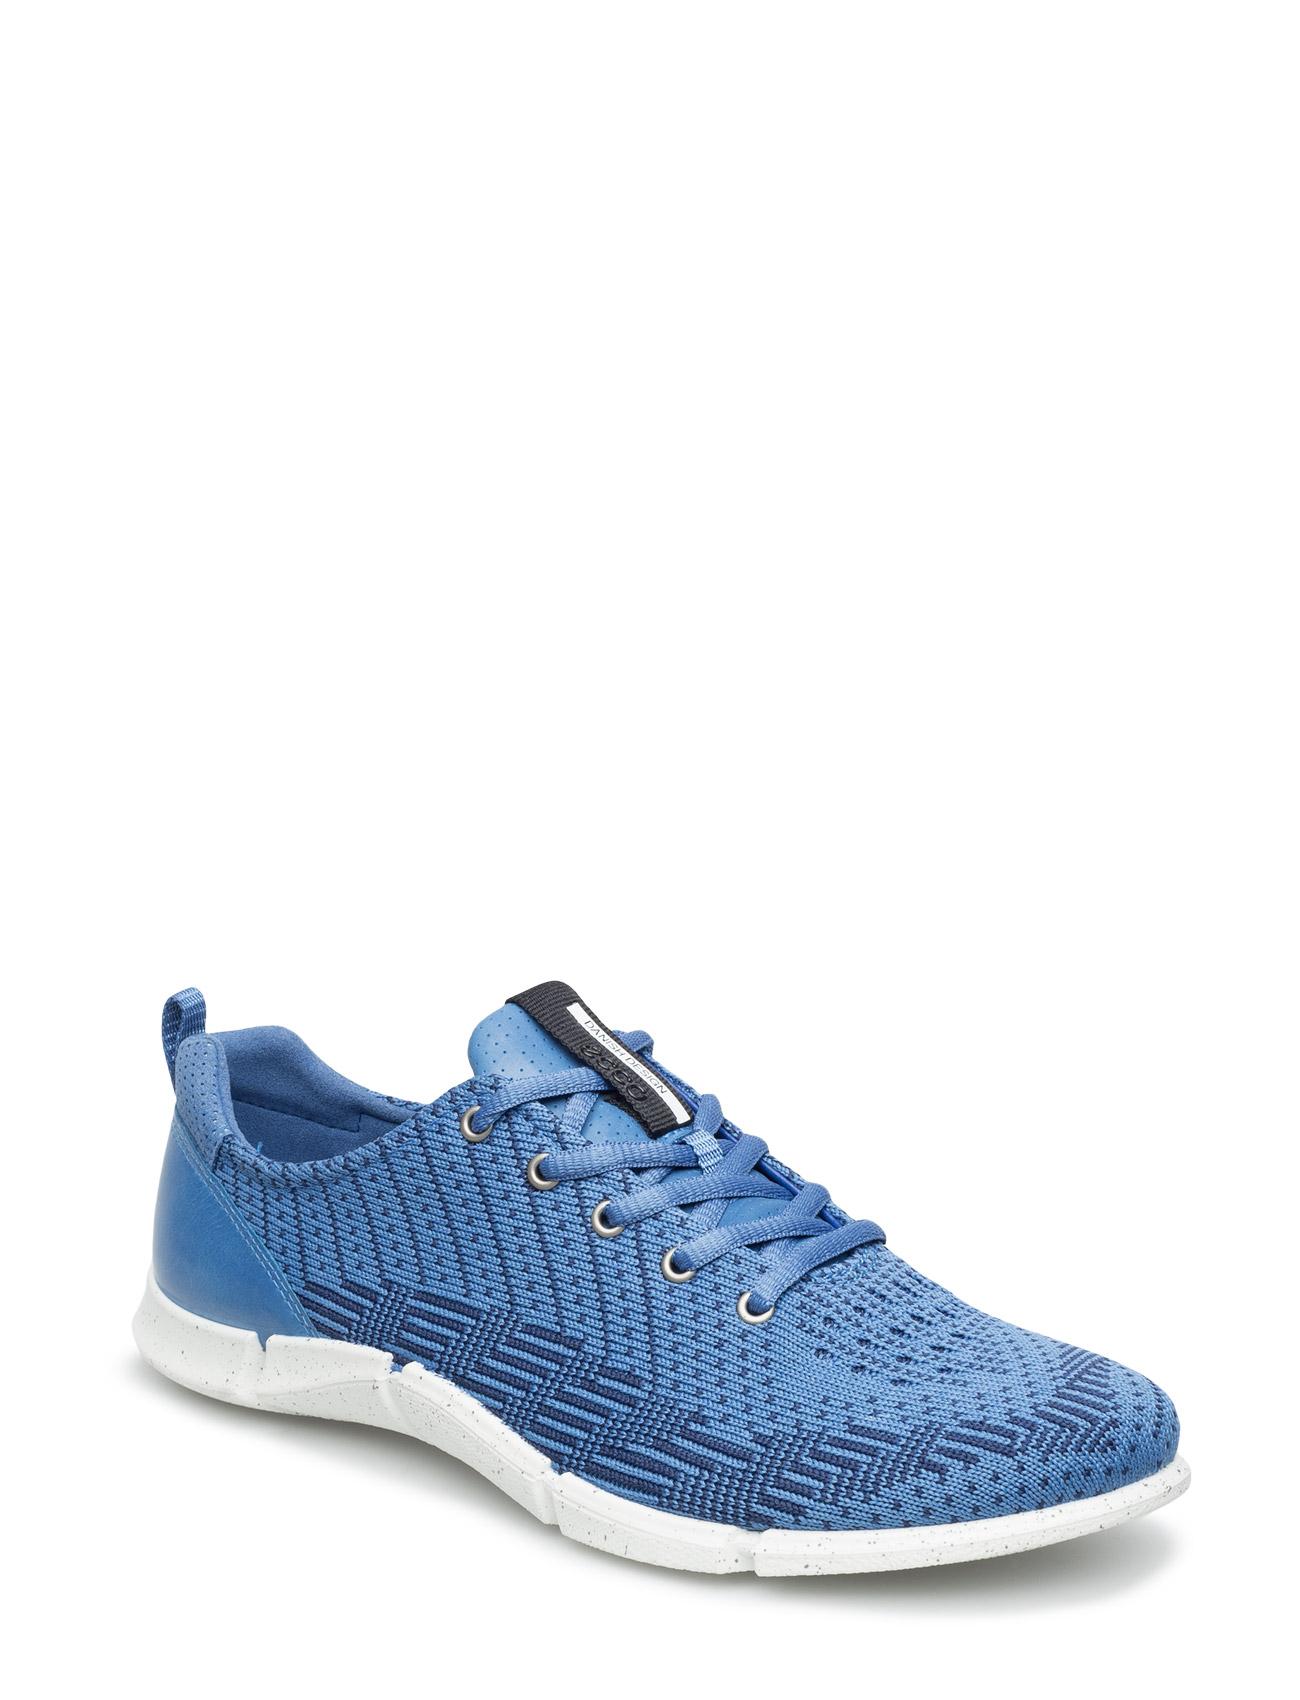 Intrinsic Karma ECCO Sneakers til Kvinder i Cobalt